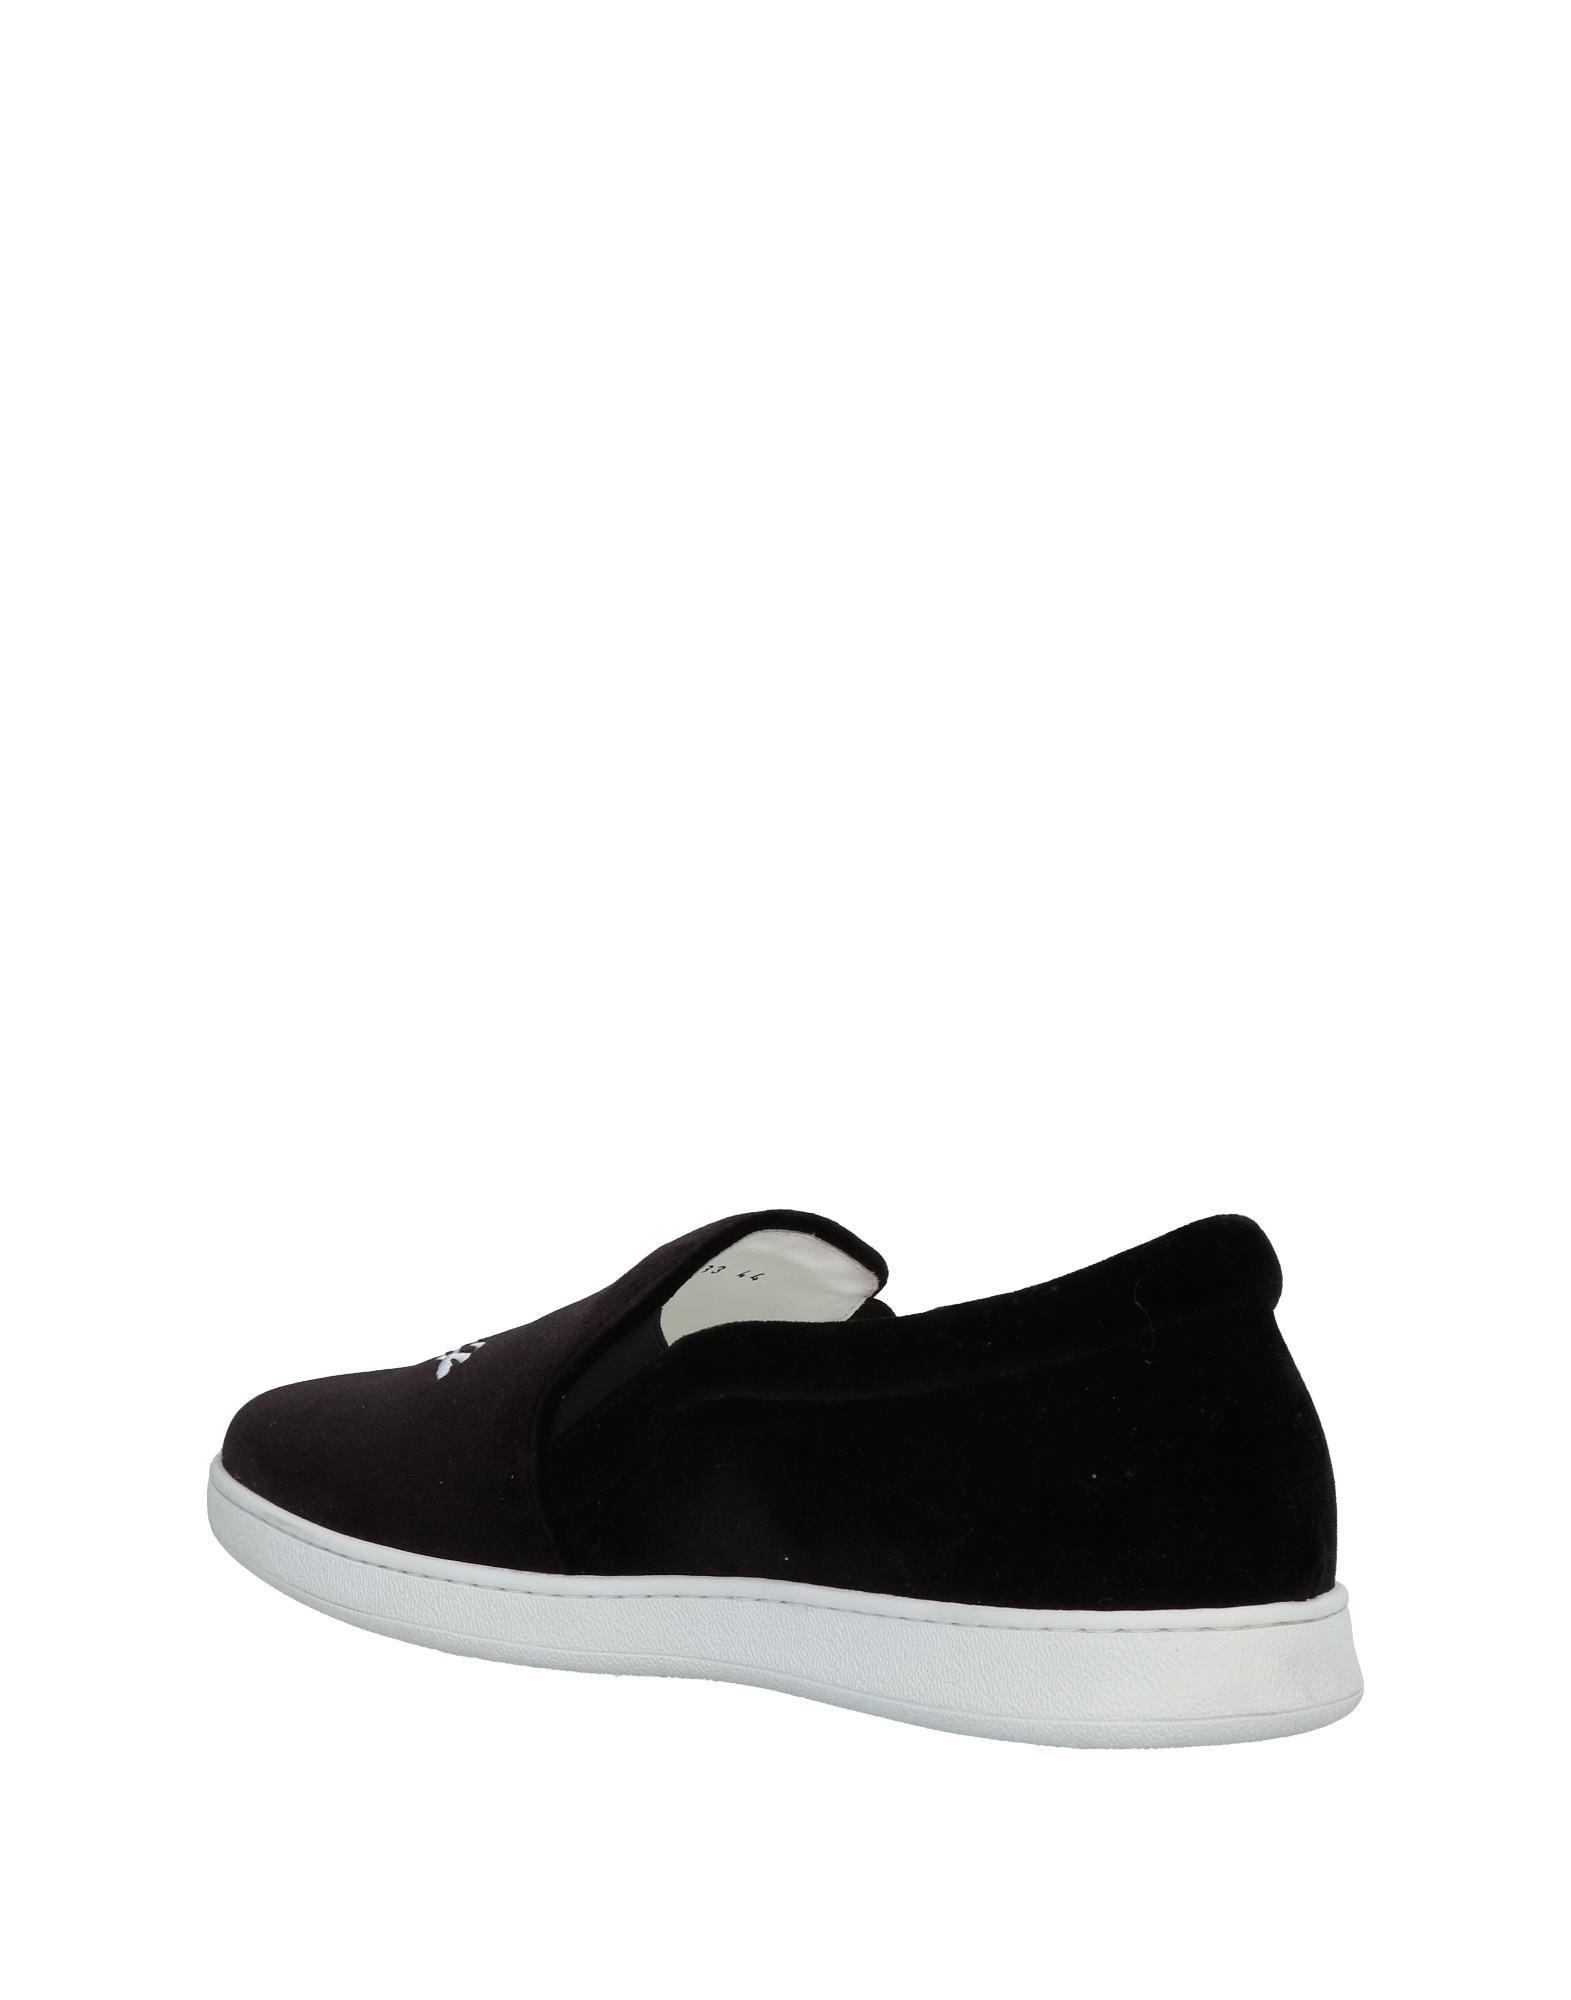 Joshua*S Sneakers Herren Herren Sneakers  11475456LB 941a56